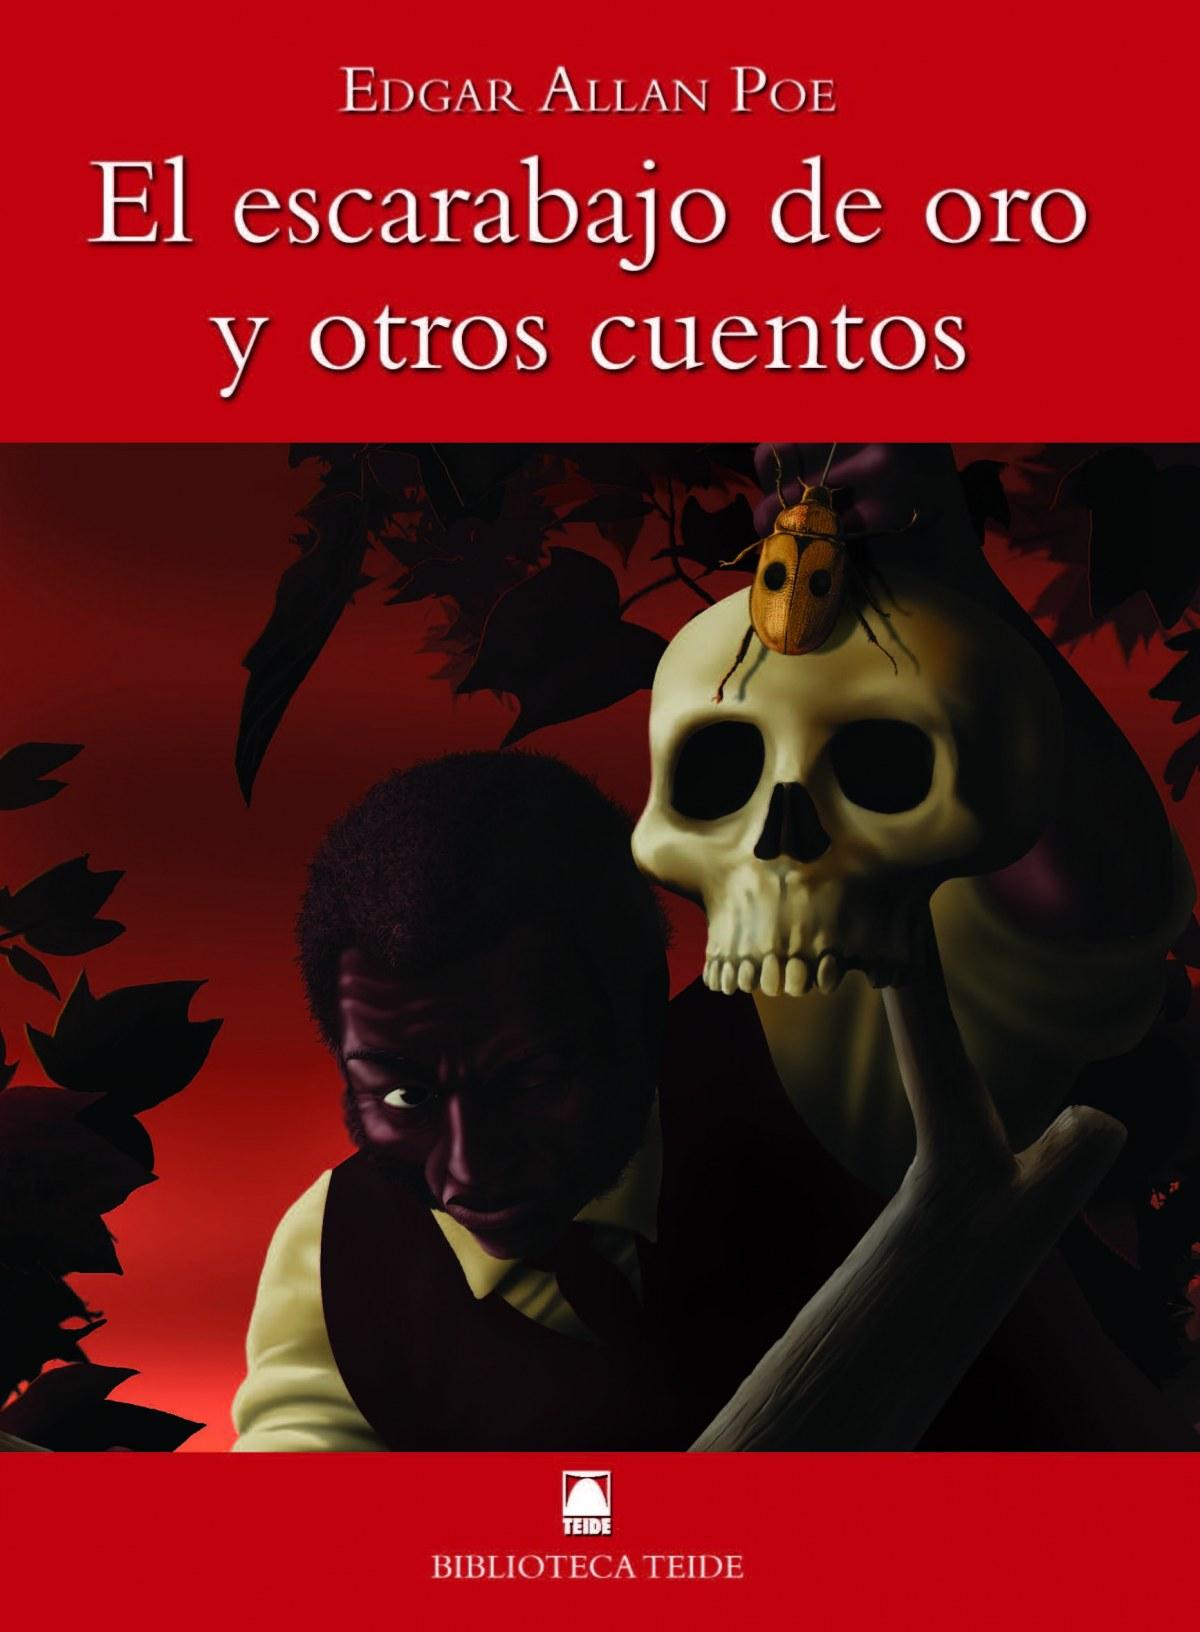 Biblioteca Teide 020 - El escarabajo de oro y otros cuentos -E. A. Poe- - Joan Baptista FORTUNY GINE/Salvador MARTÍ RAÜLL/Marta LÓPEZ ROBLES